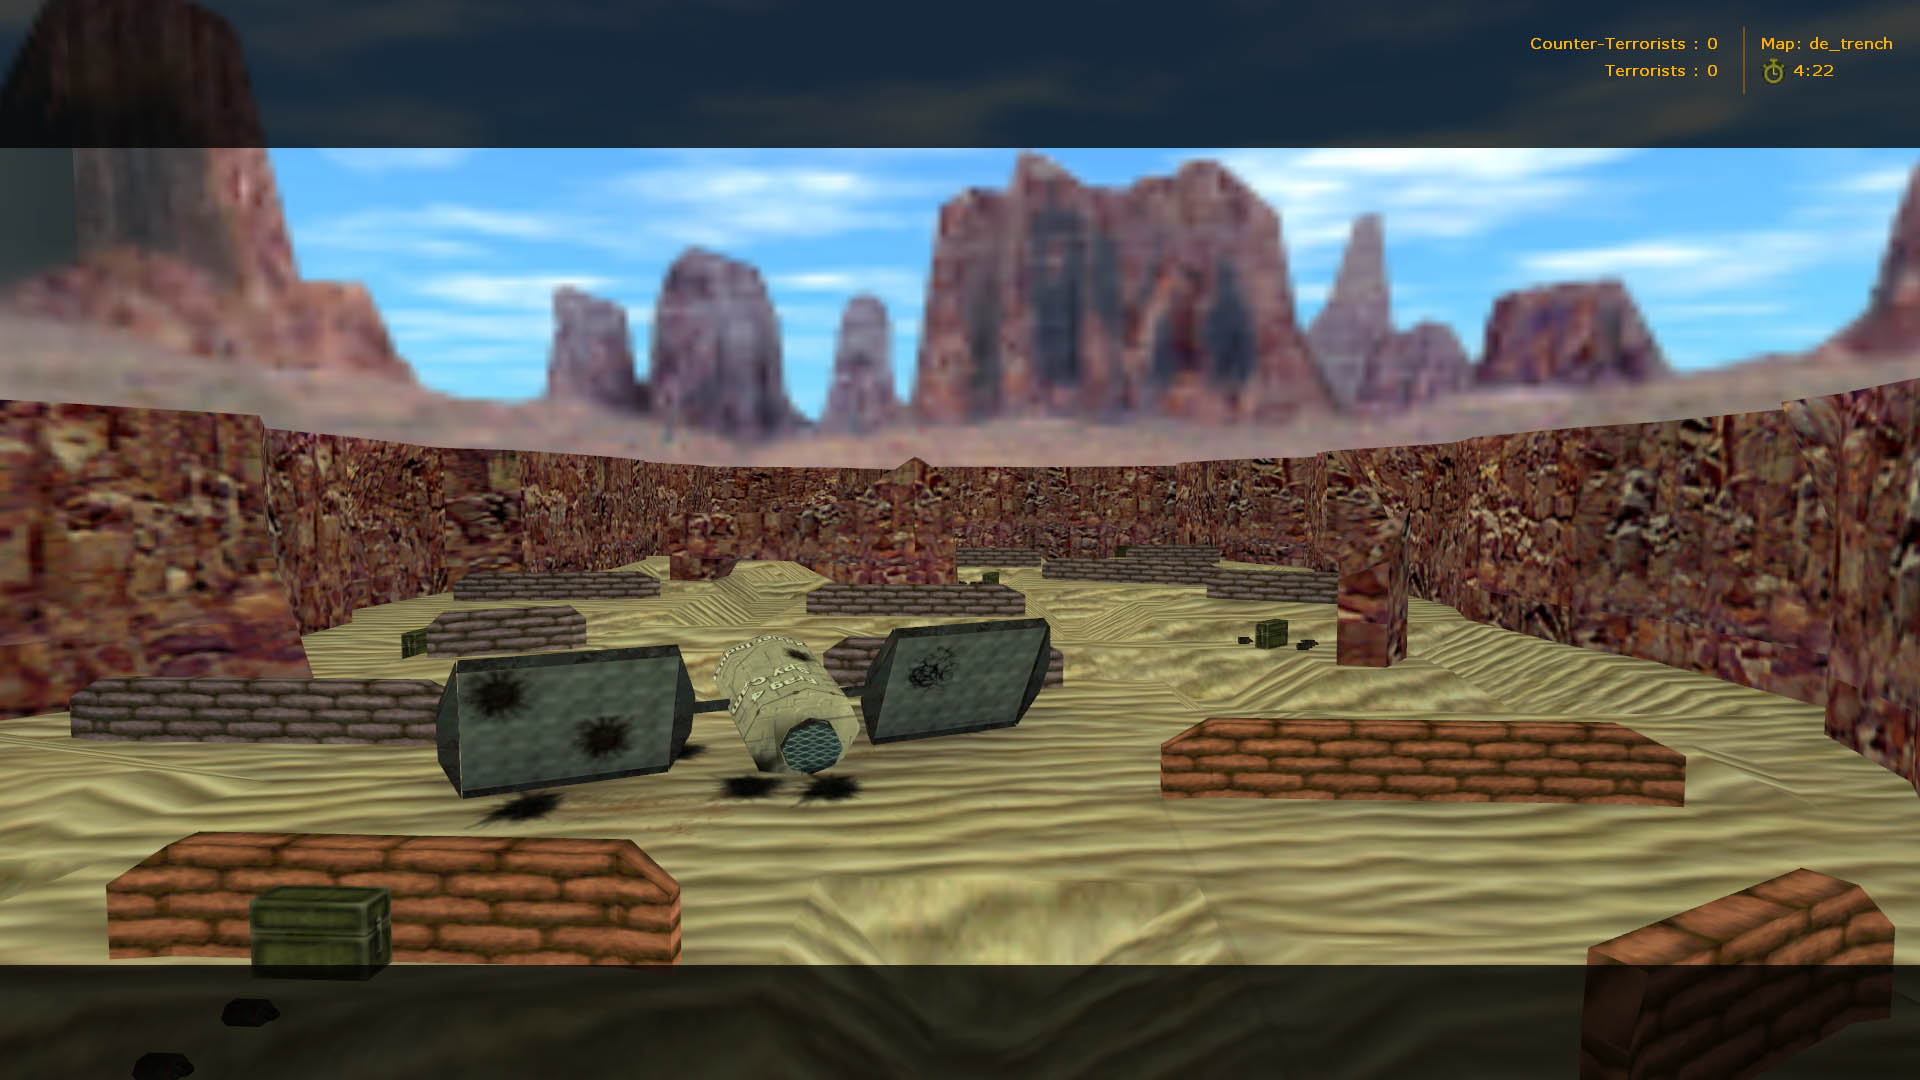 Карта de_trench для Counter-Strike 1.6